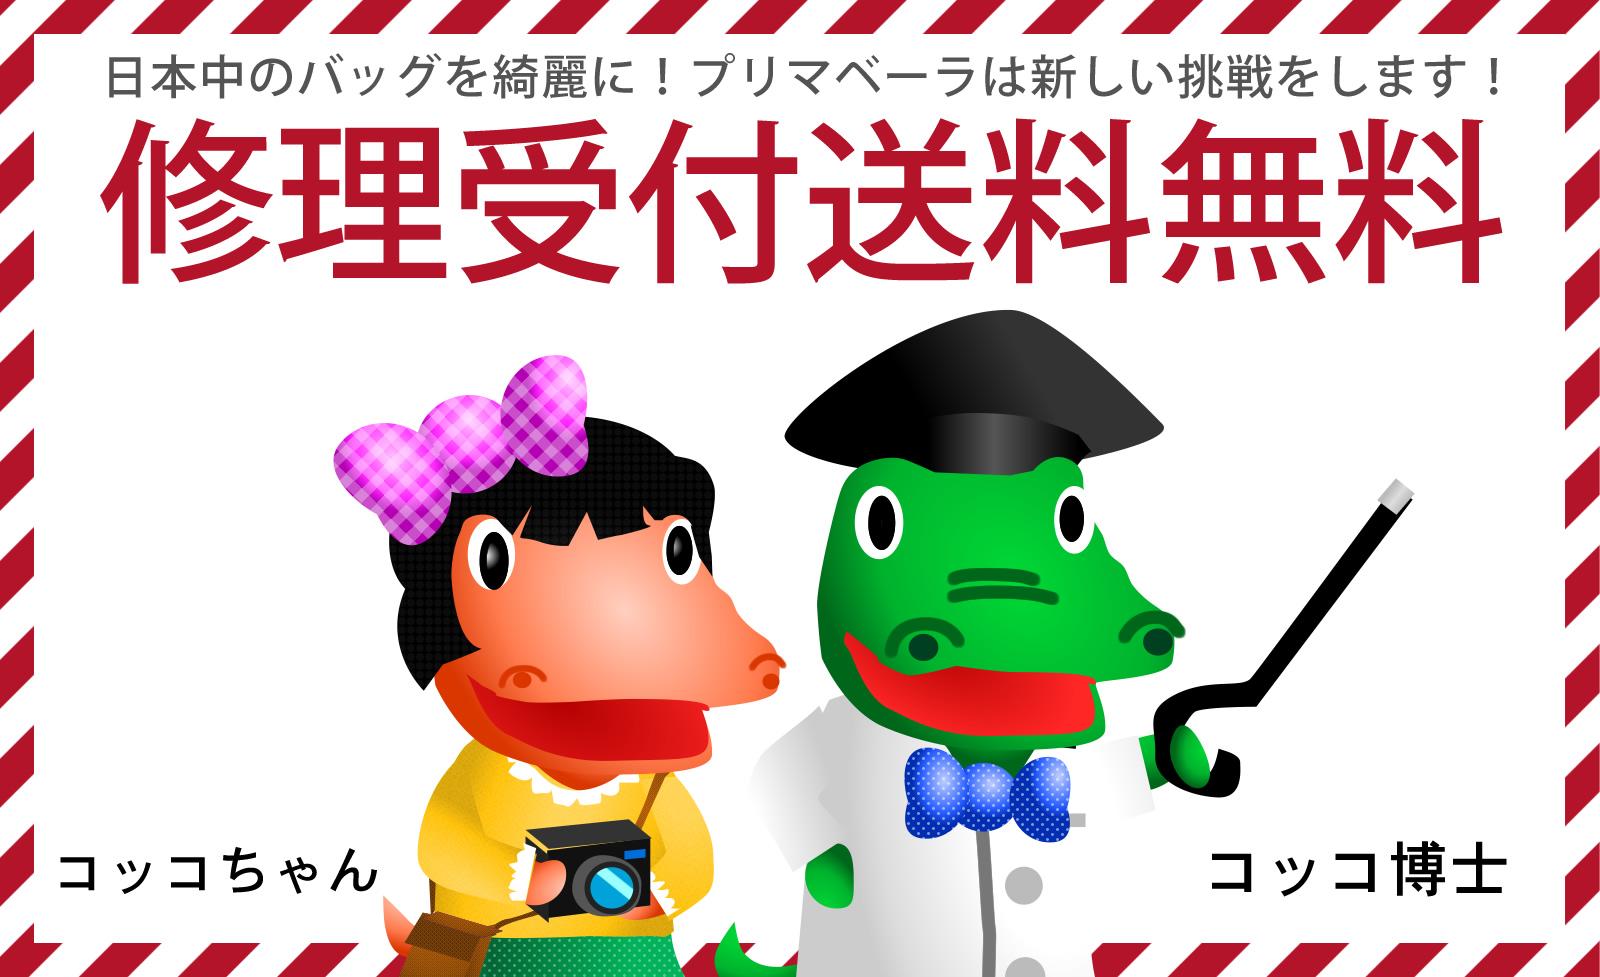 日本中のバッグを綺麗に!プリマベーラは新しい挑戦をします!「ハンドバッグ修理 日本全国送料無料サービス」スタートします!